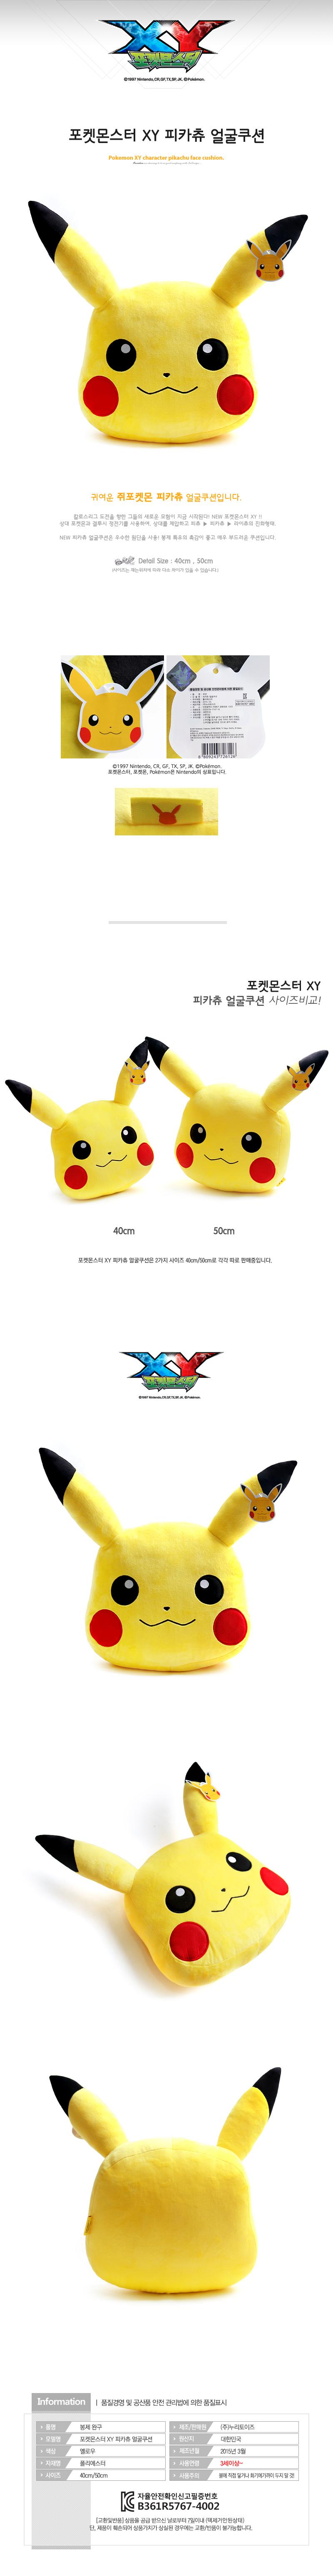 포켓몬스터 XY 피카츄 얼굴쿠션(50cm)/베개 인형쿠션 - 기프트갓, 33,690원, 애니멀인형, 기타 동물 인형